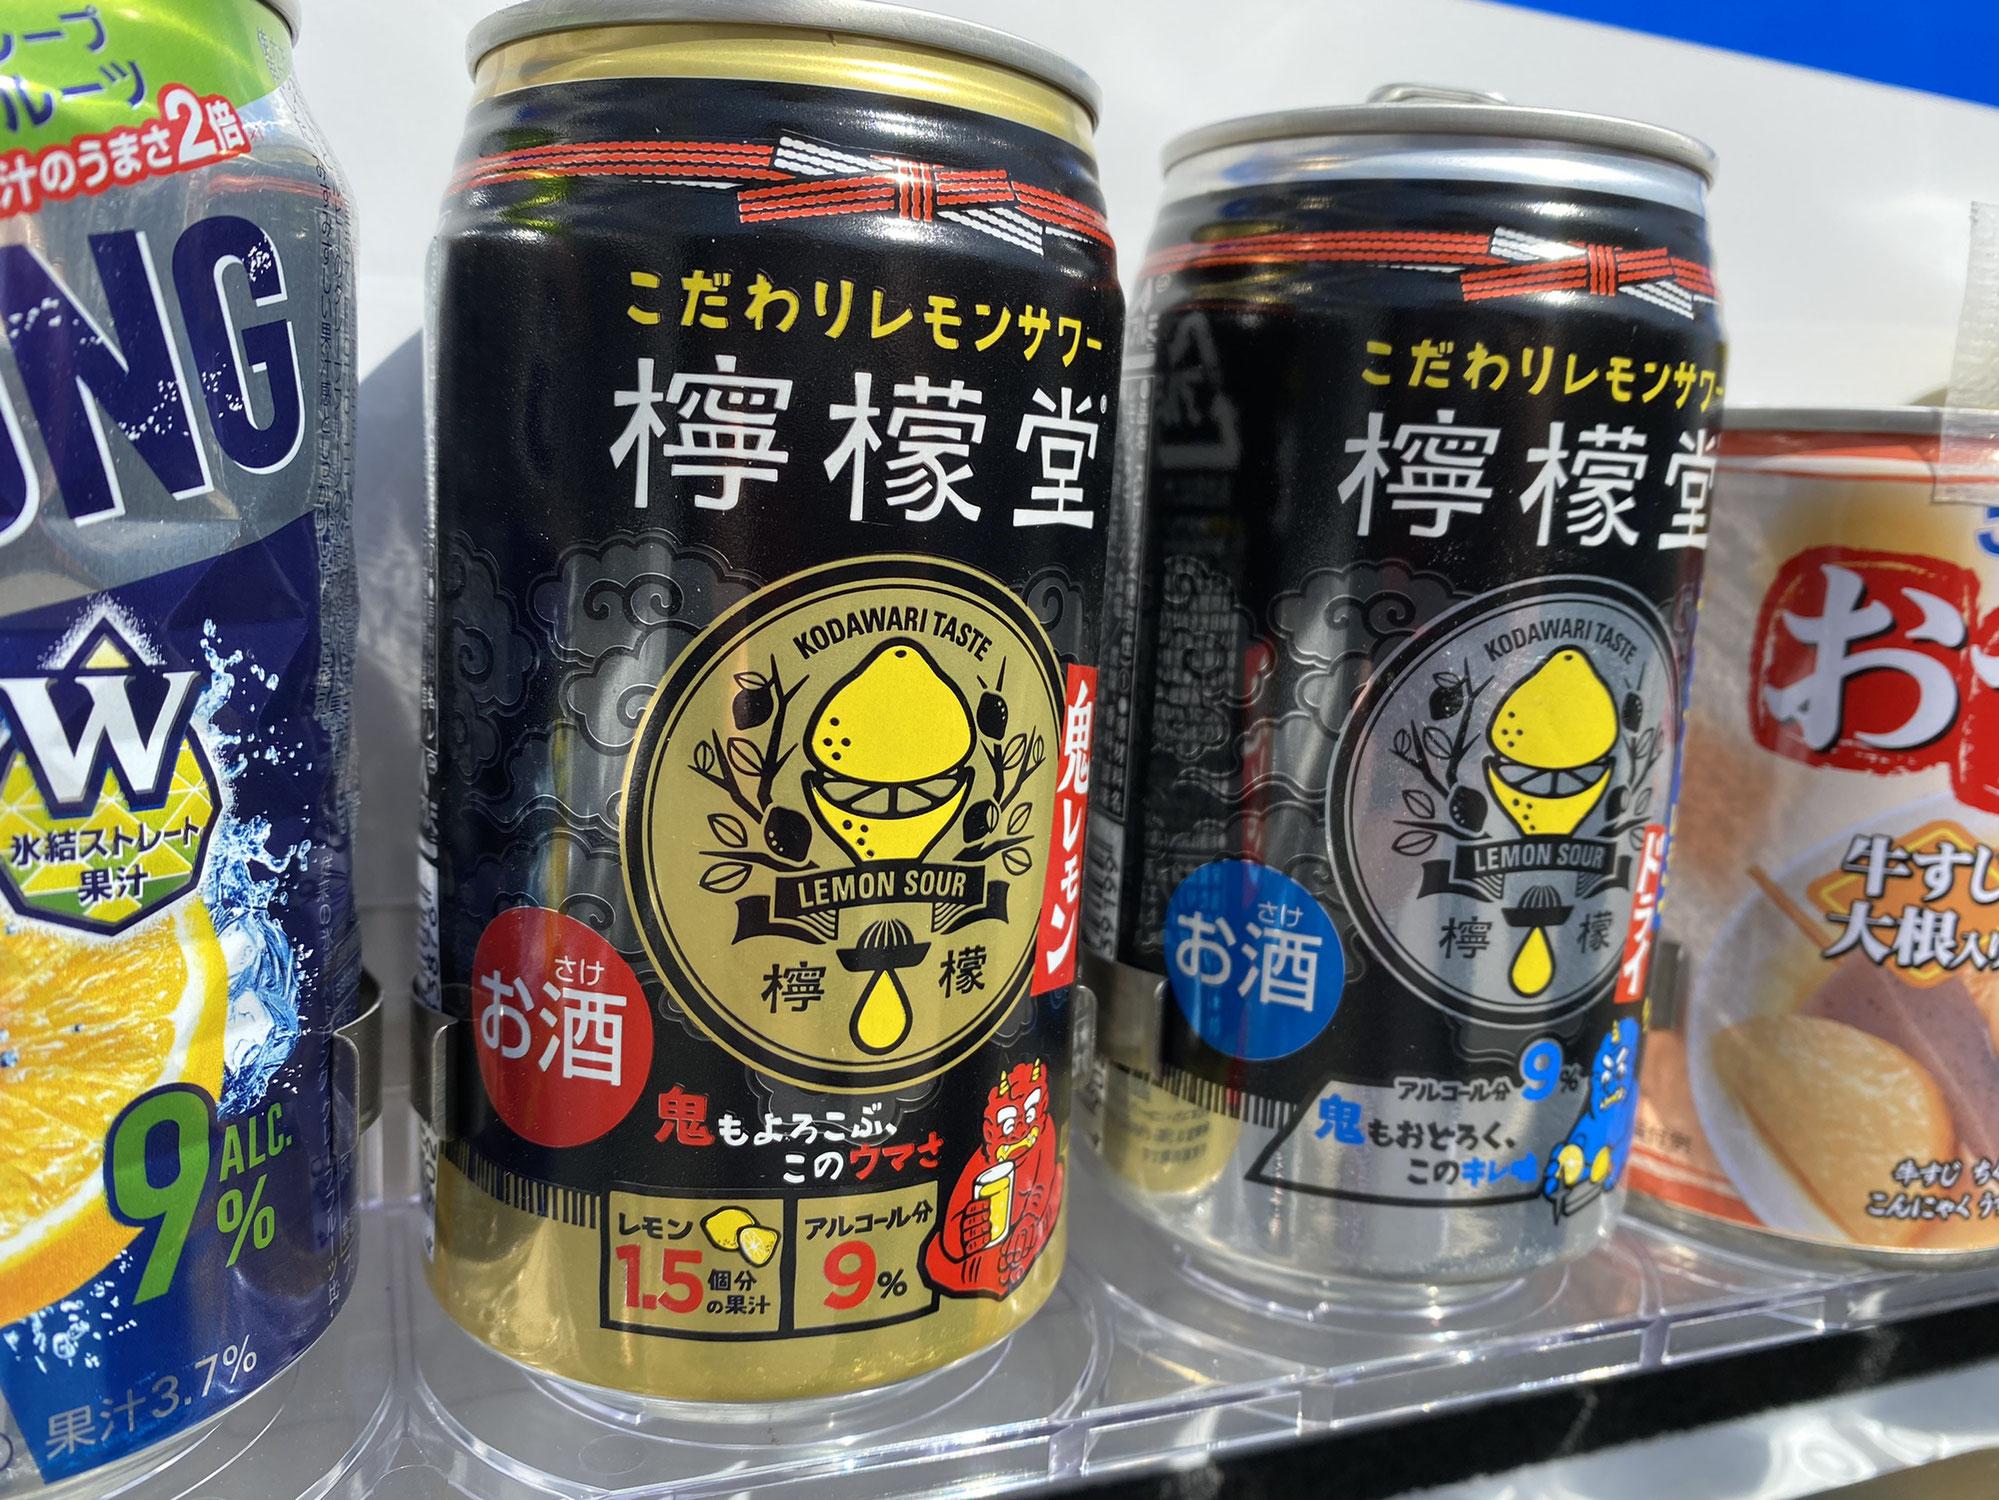 コカ・コーラの快進撃!檸檬堂は何故売れる?酒自販機投入で売上拡大のチャンス